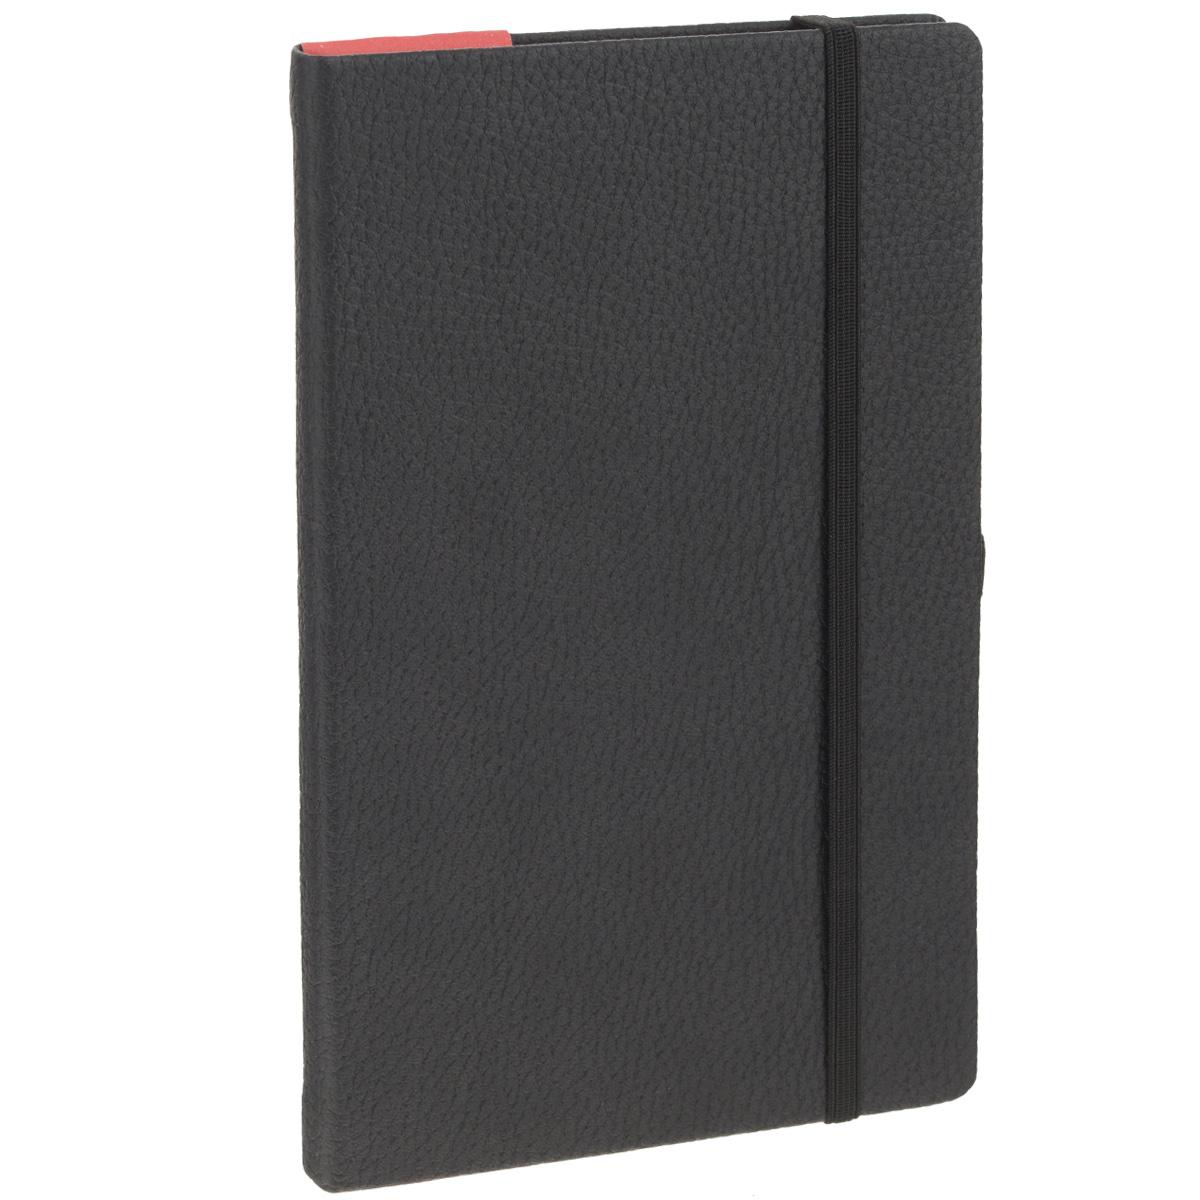 Записная книжка Erich Krause Armonia, цвет: черный, 96 листов36759Записная книжка Erich Krause Armonia - это дополнительный штрих к вашему имиджу. Демократичная в своем содержании, книжка может быть использована не только для личных пометок и записей, но и как недатированный ежедневник. Надежная твердая обложка из плотного картона, обтянутого искусственной крупнофактурной кожей, сохранит ее в аккуратном состоянии на протяжении всего времени использования. Плотная в линейку бумага белого цвета, закладка-ляссе, практичные скругленные углы, эластичная петелька для ручки и внутренний бумажный карман на задней обложке - все это обеспечит вам истинное удовольствие от письма. В начале книжки имеется страничка для заполнения личных данных владельца, четыре страницы для заполнения адресов, телефонов и интернет-почты и четыре страницы для заполнения сайтов и ссылок. Благодаря небольшому формату книжку легко взять с собой. Записная книжка плотно закрывается при помощи фиксирующей резинки.